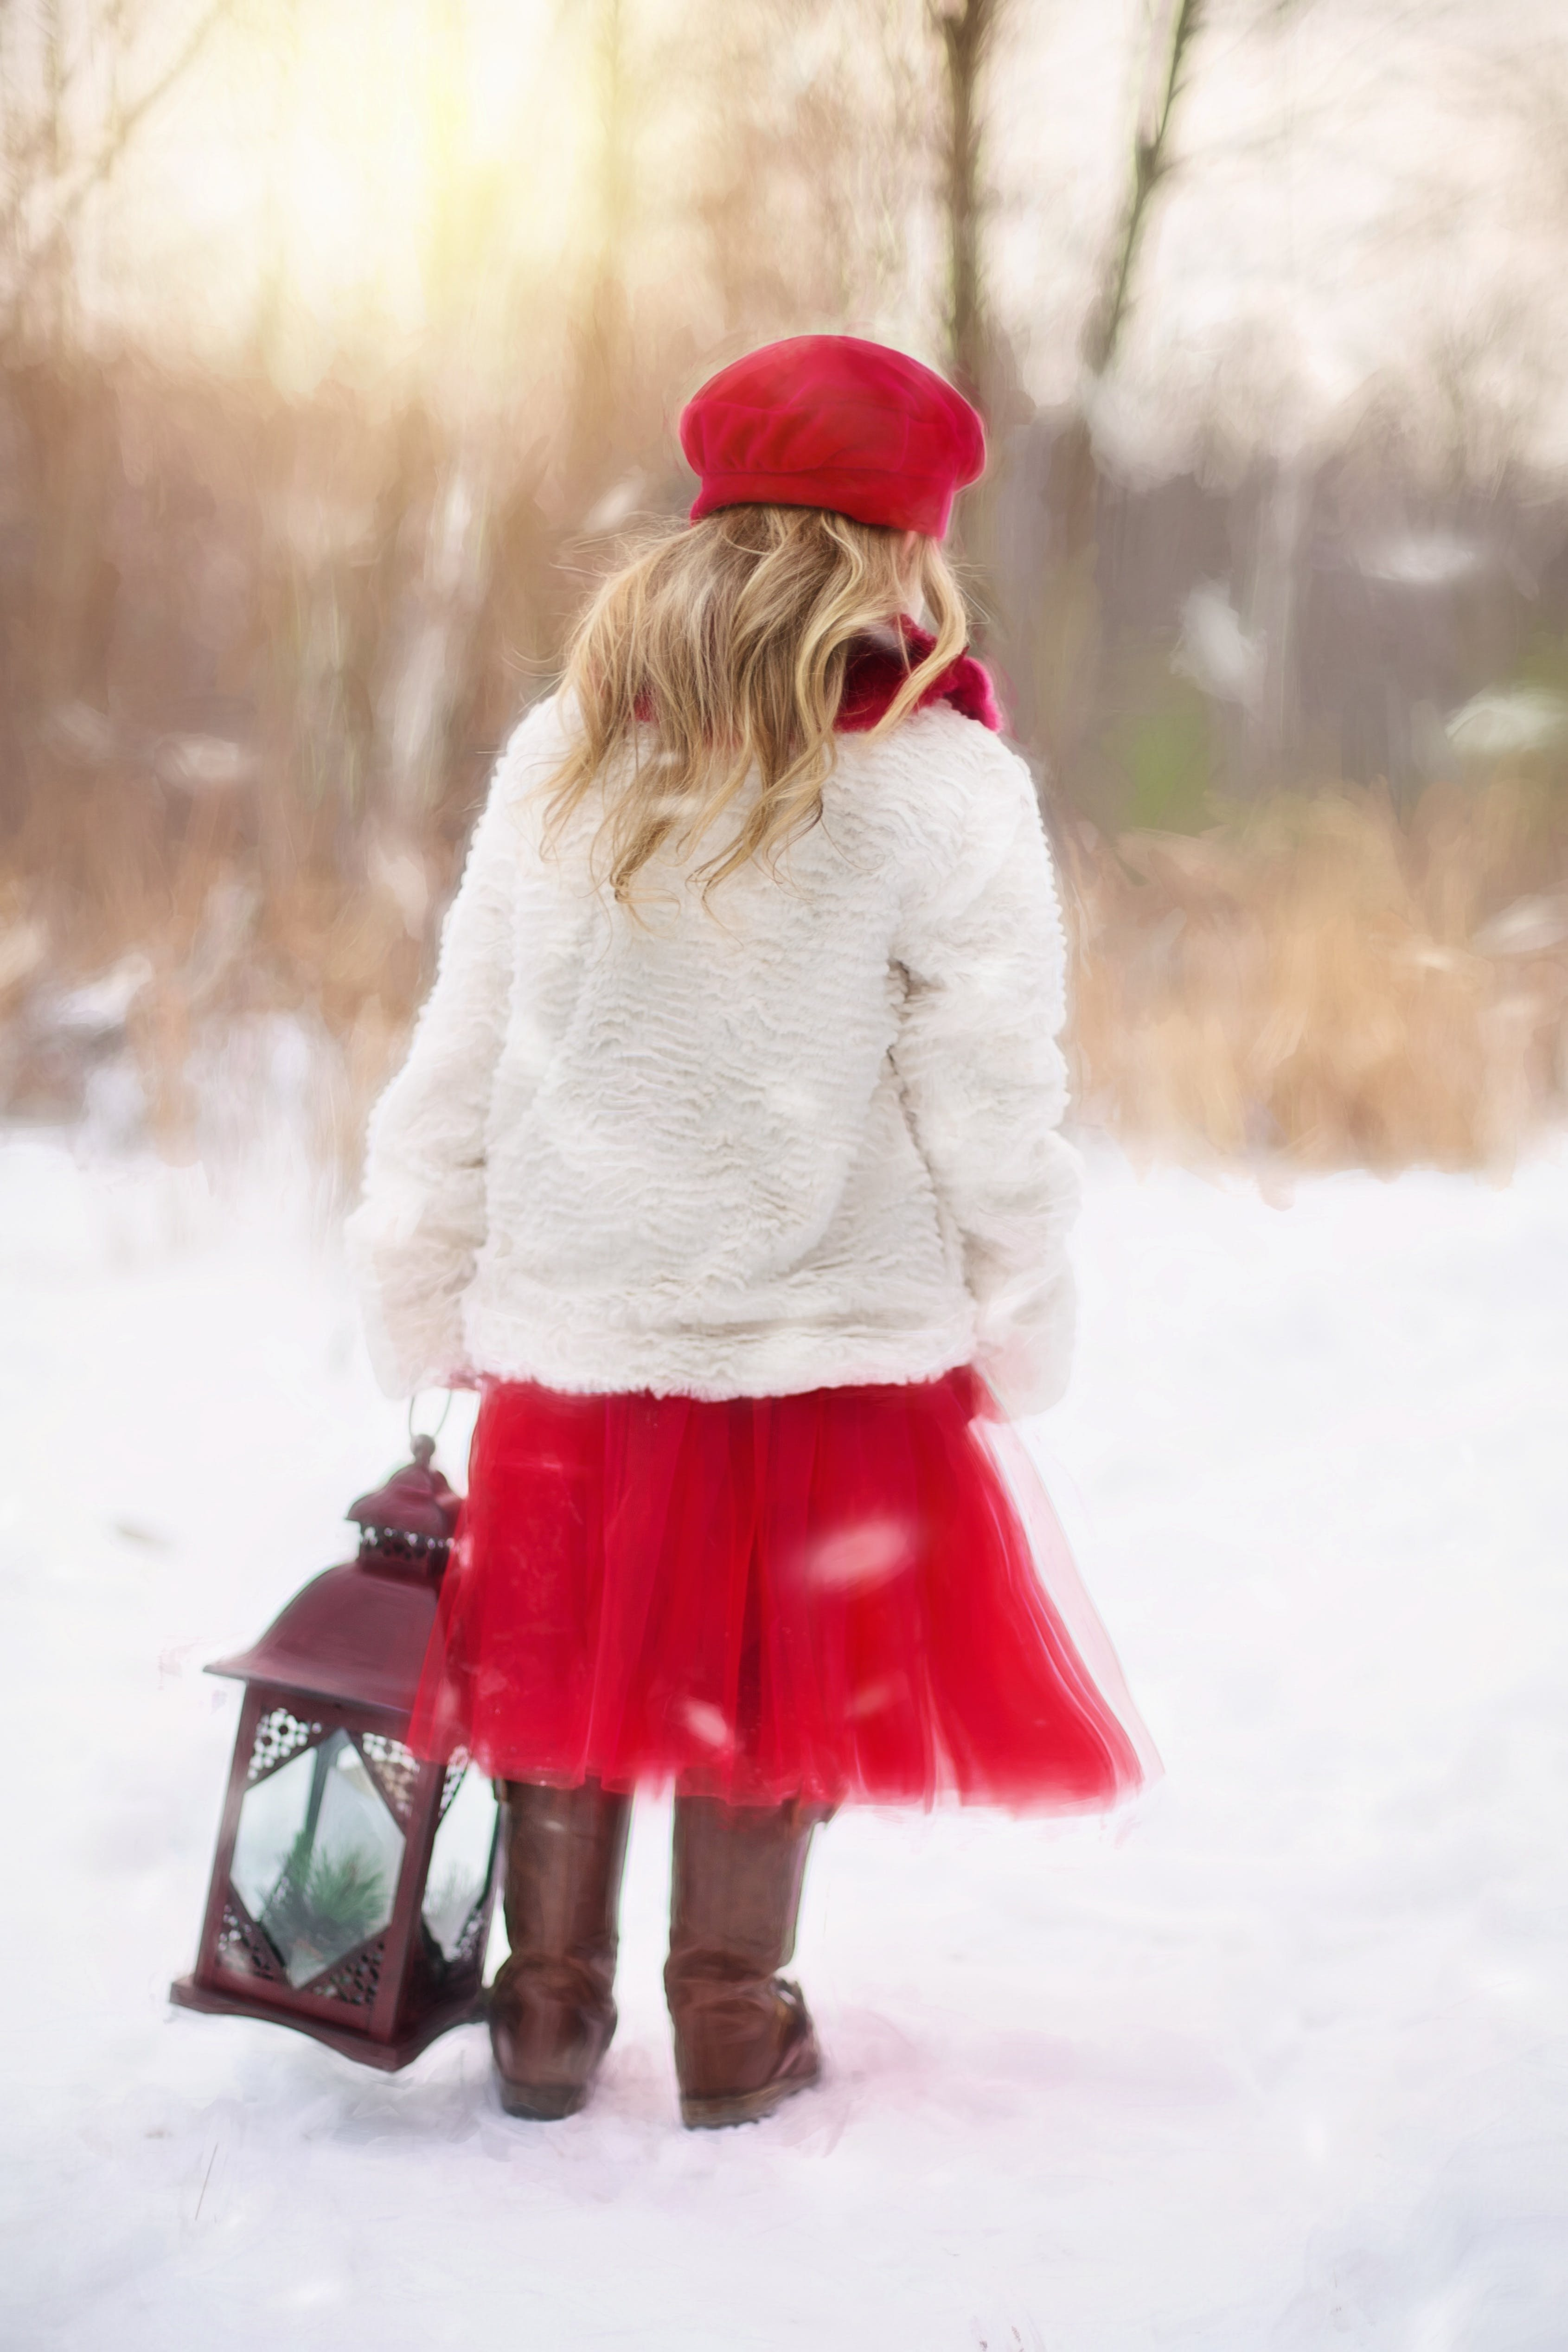 Gratis lagerfoto af barn, forkølelse, lanterne, Pige